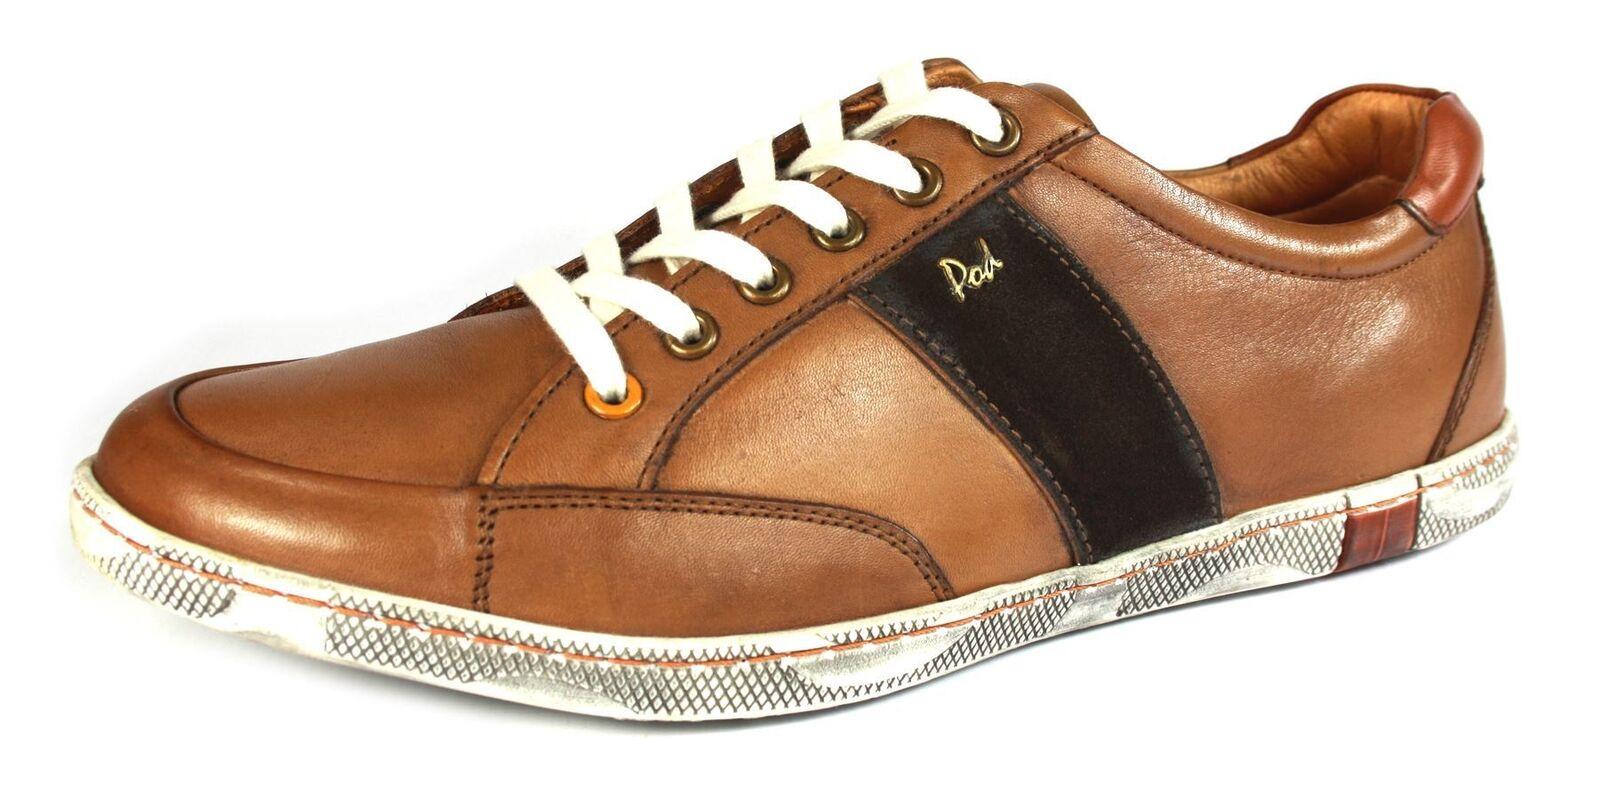 POD lacci Kyle marroncino casual con lacci POD scarpe in pelle Uomo formatori b5f0a9